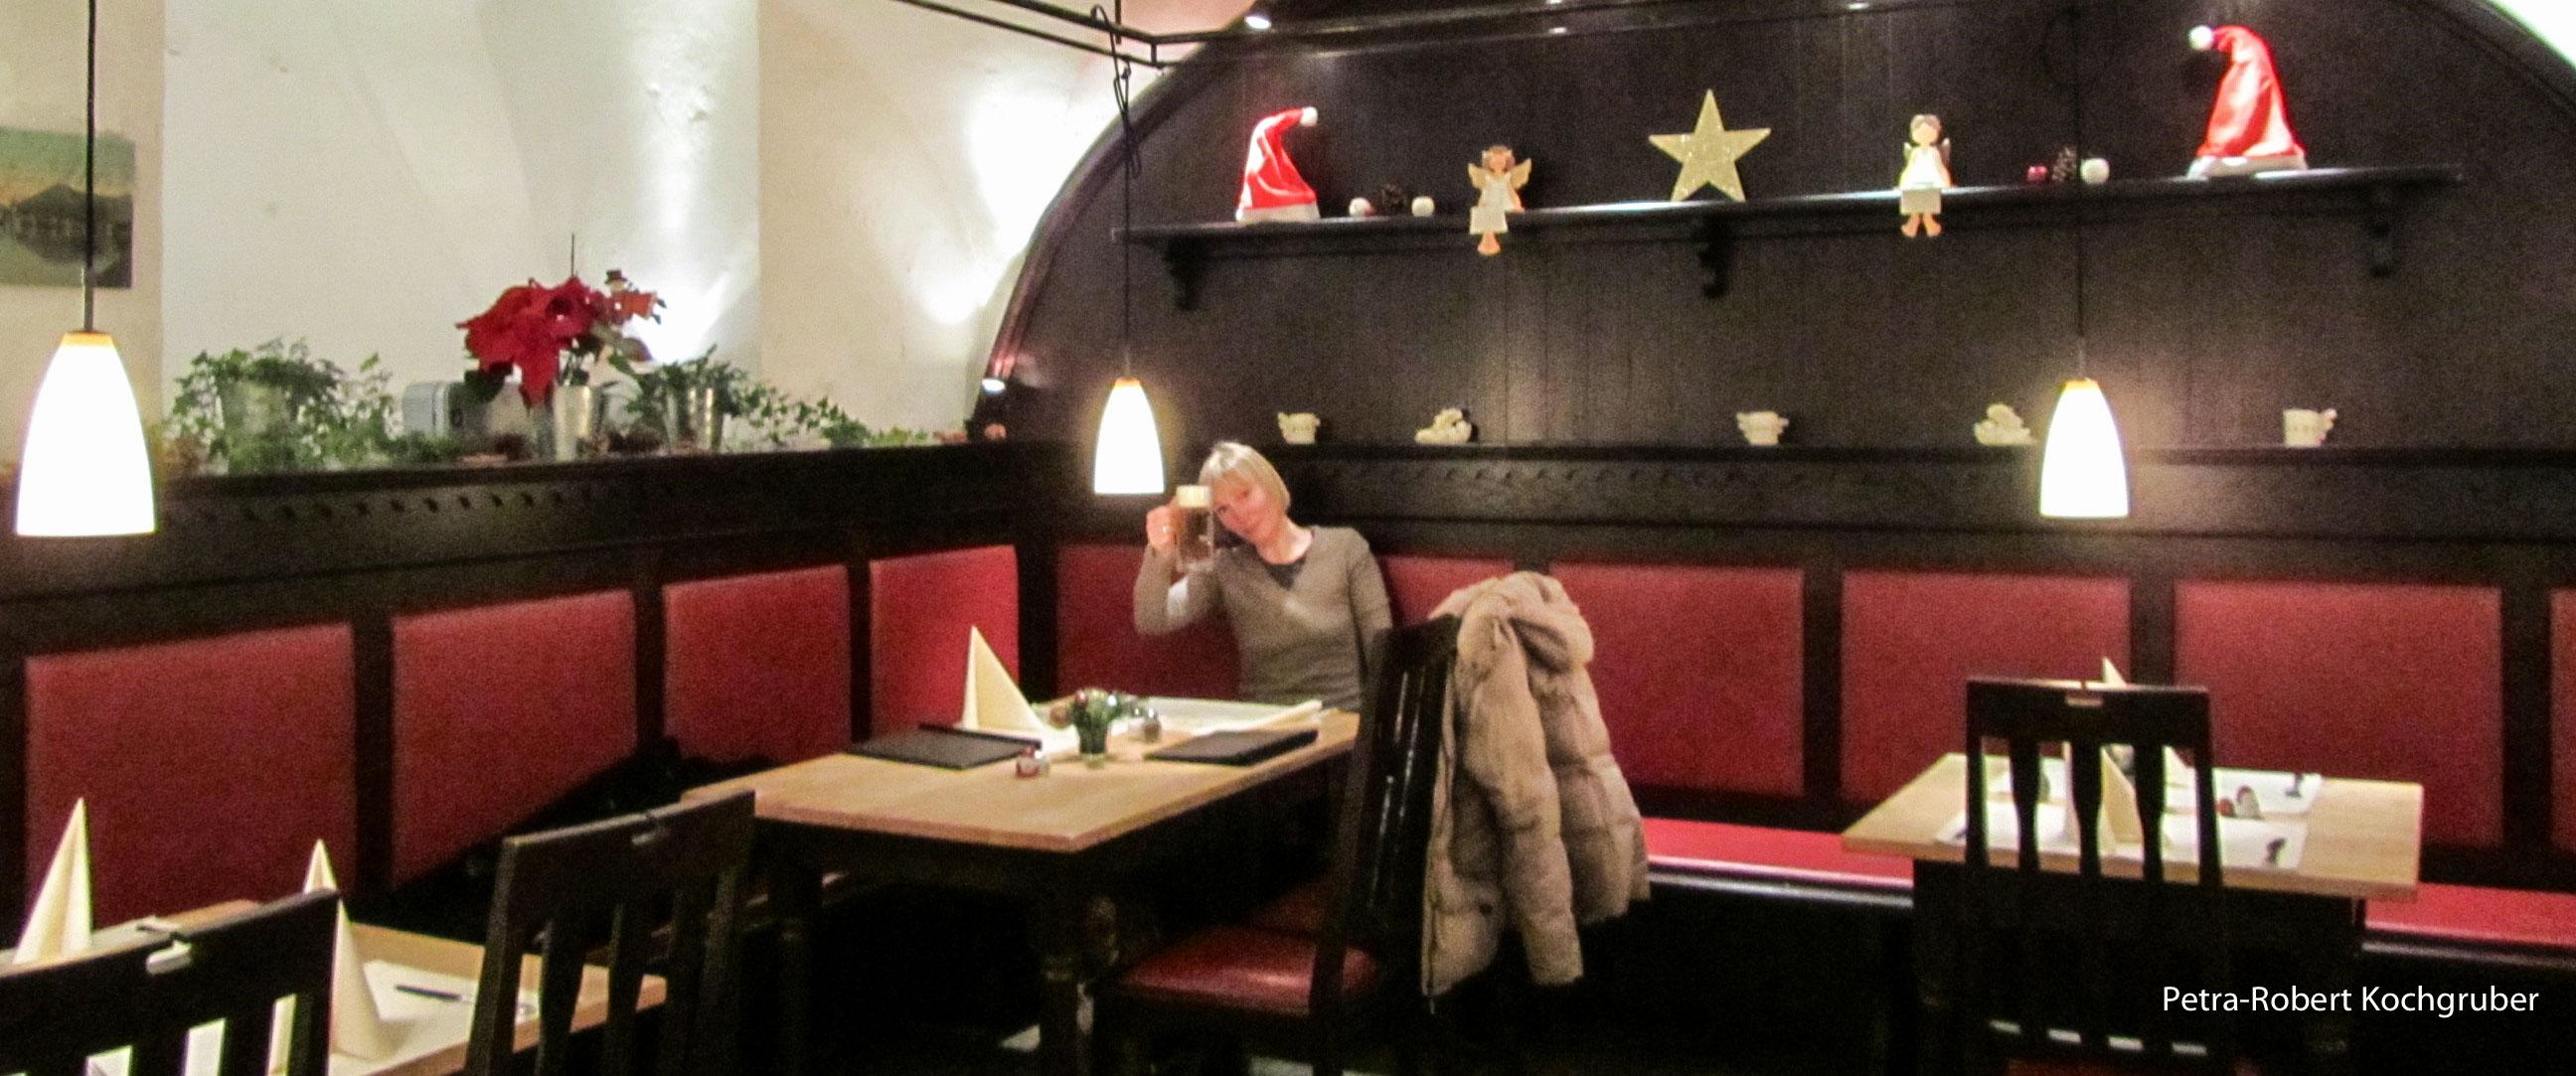 brauhaus-tegernsee-restaurant